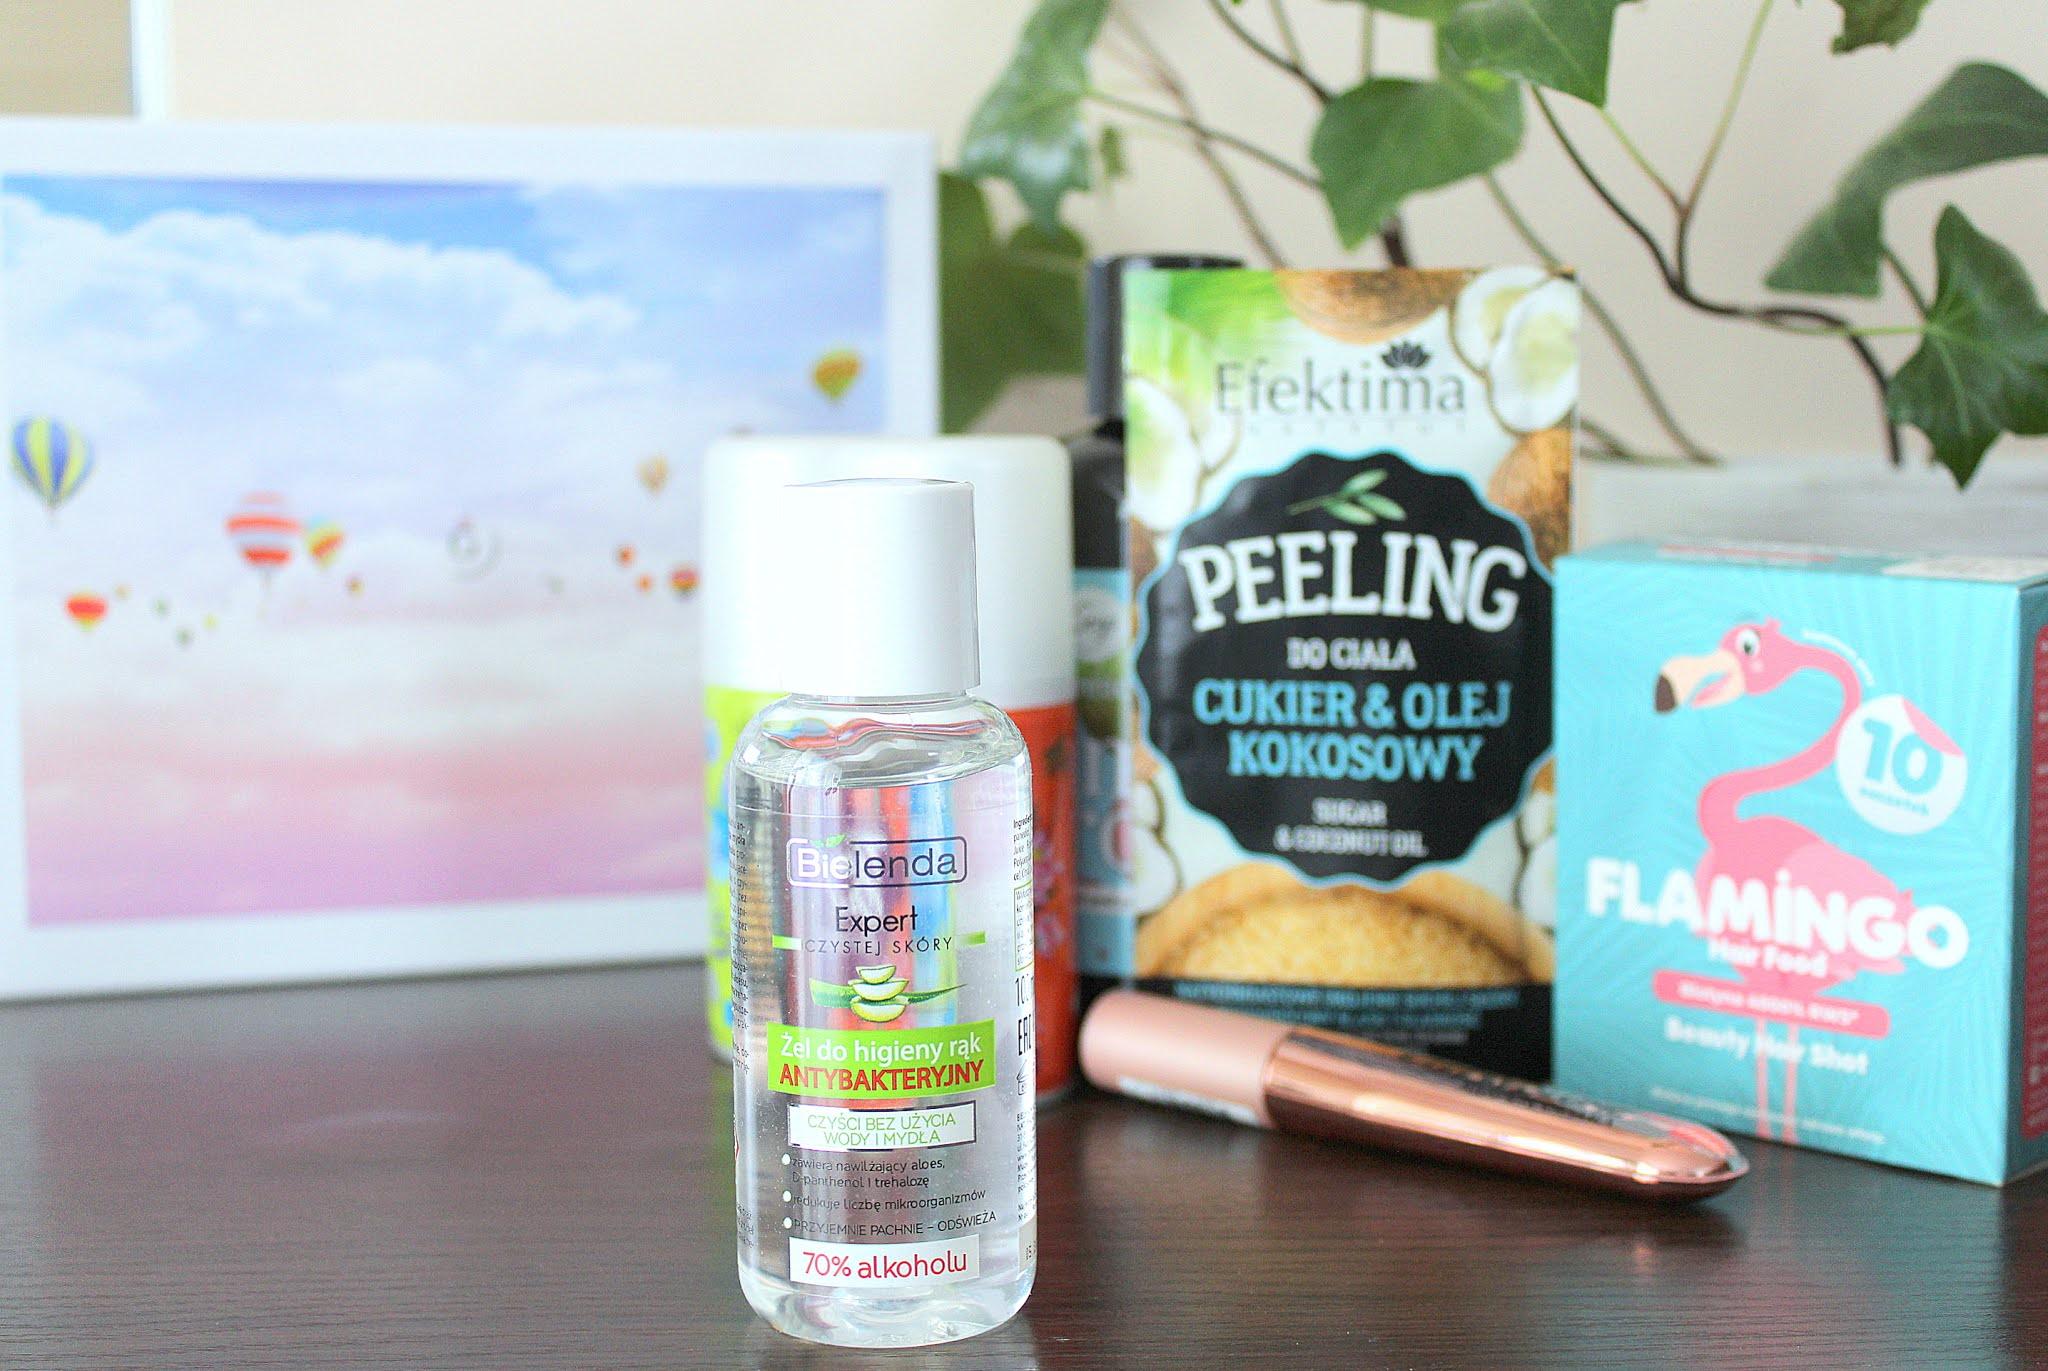 Bielenda Kosmetyki naturalne - Expert czystej skóry, Antybakteryjny żel do higieny rąk